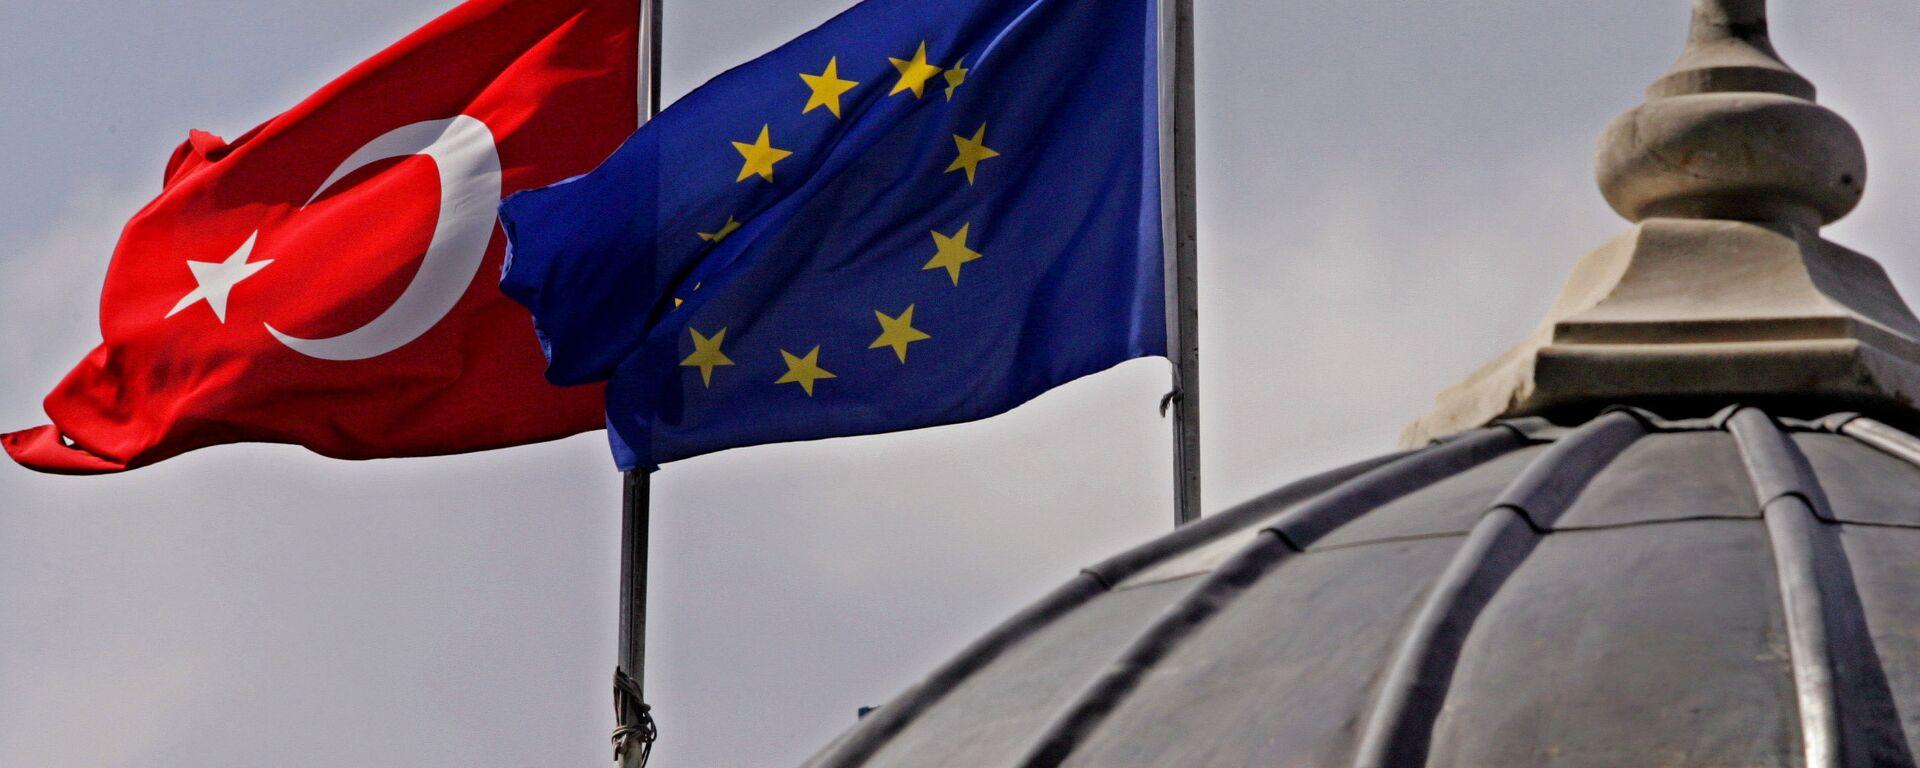 Banderas de la UE y Turquía en Estambul - Sputnik Mundo, 1920, 09.05.2021